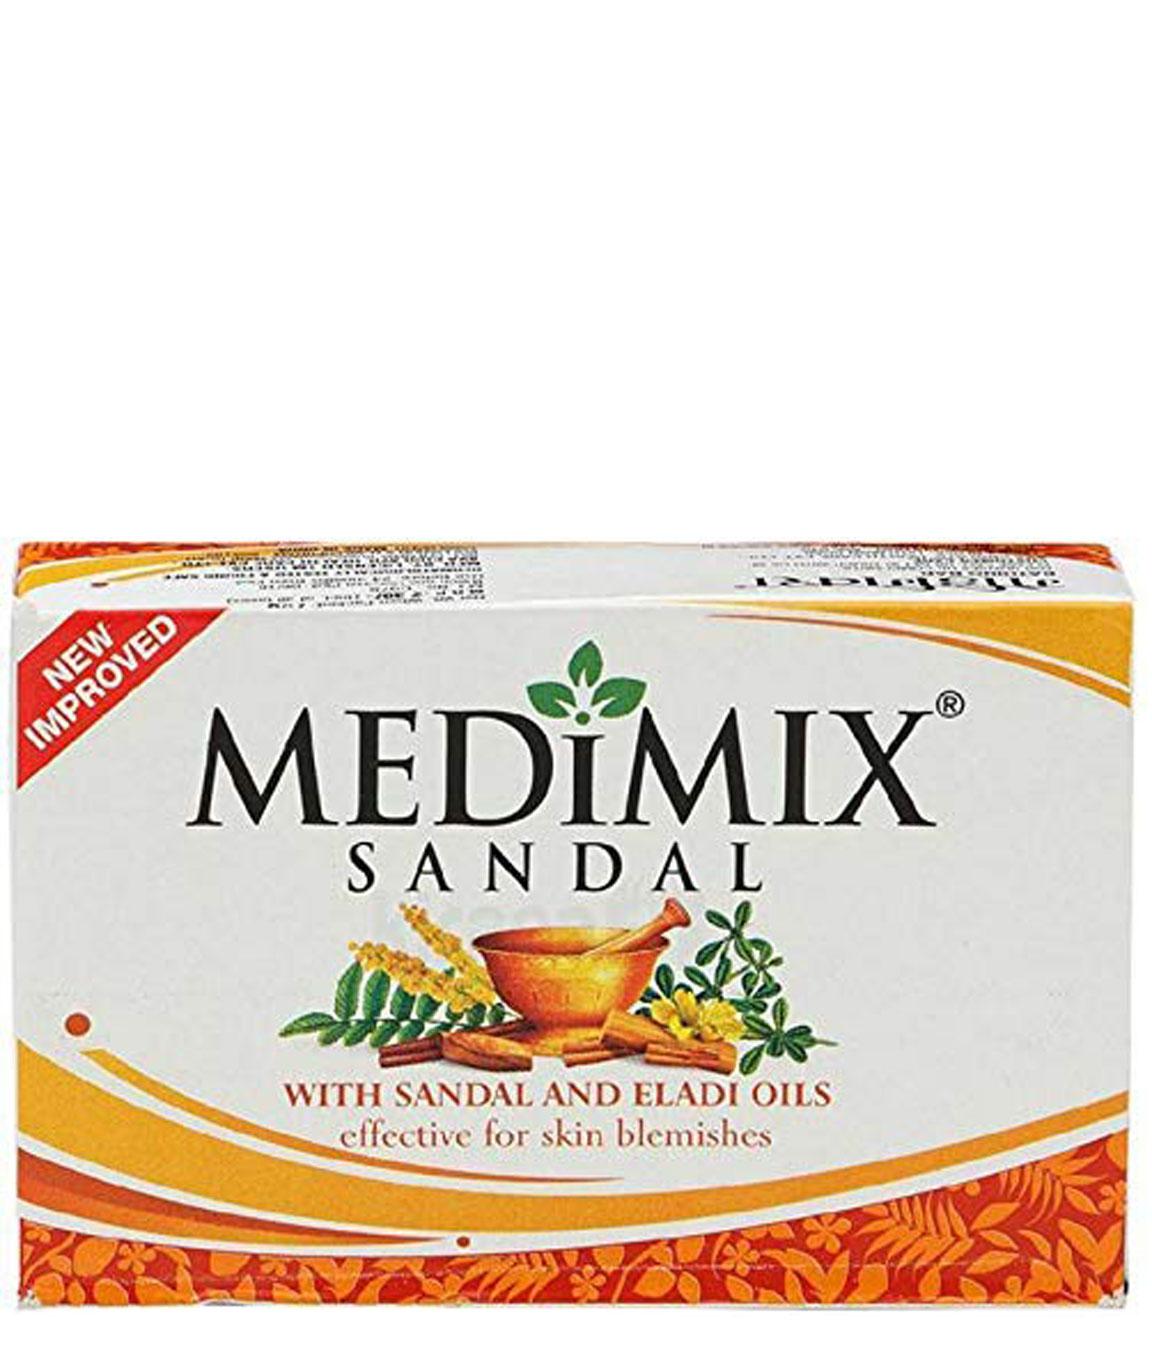 Medimix Sandal Soap (125g) (Pack of 5)